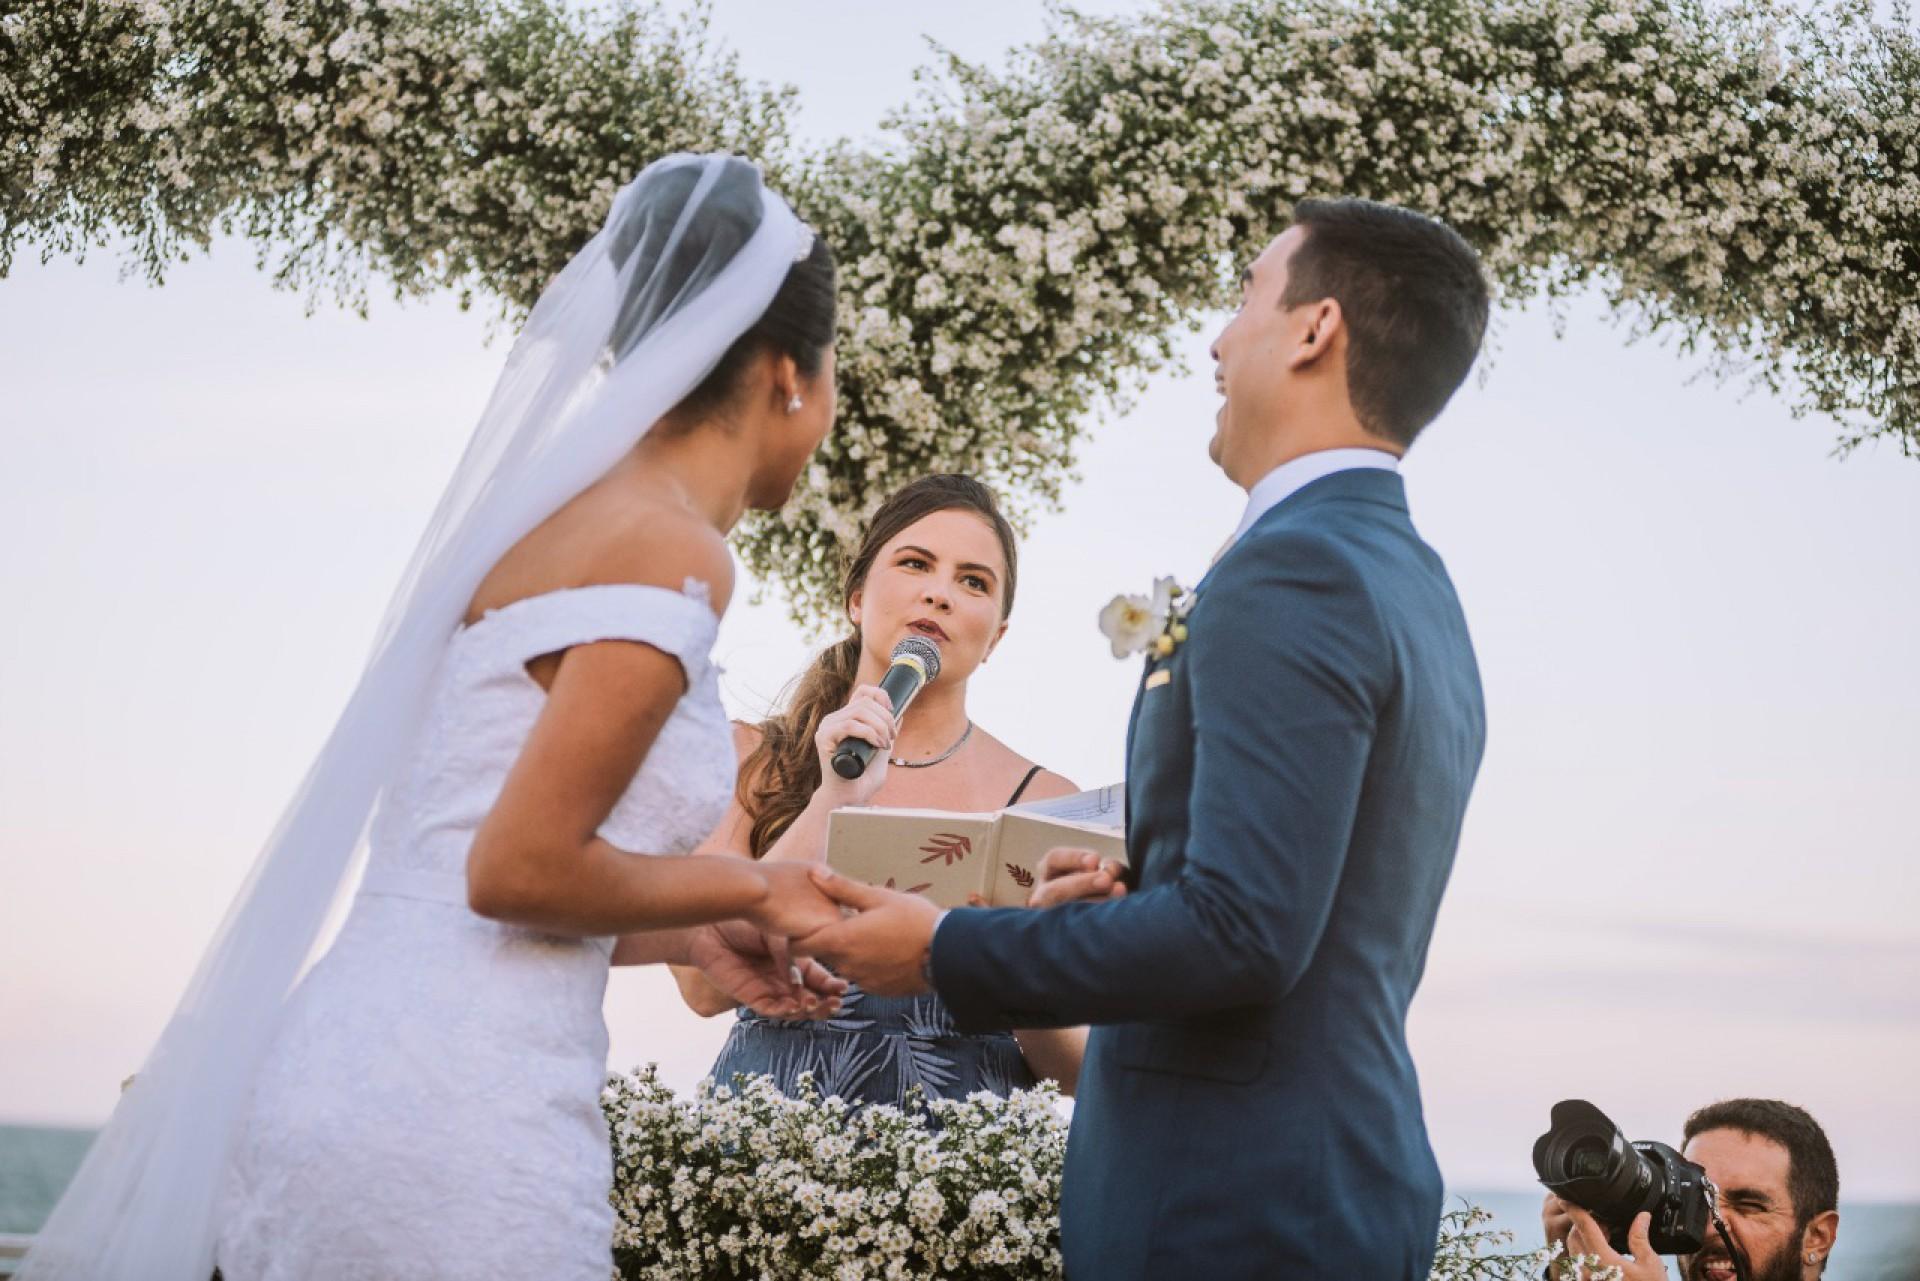 Na pandemia, tem sido vários os formatos das cerimônias: micro, online ou mesmo os chamados elopement (apenas os noivos e o celebrante)